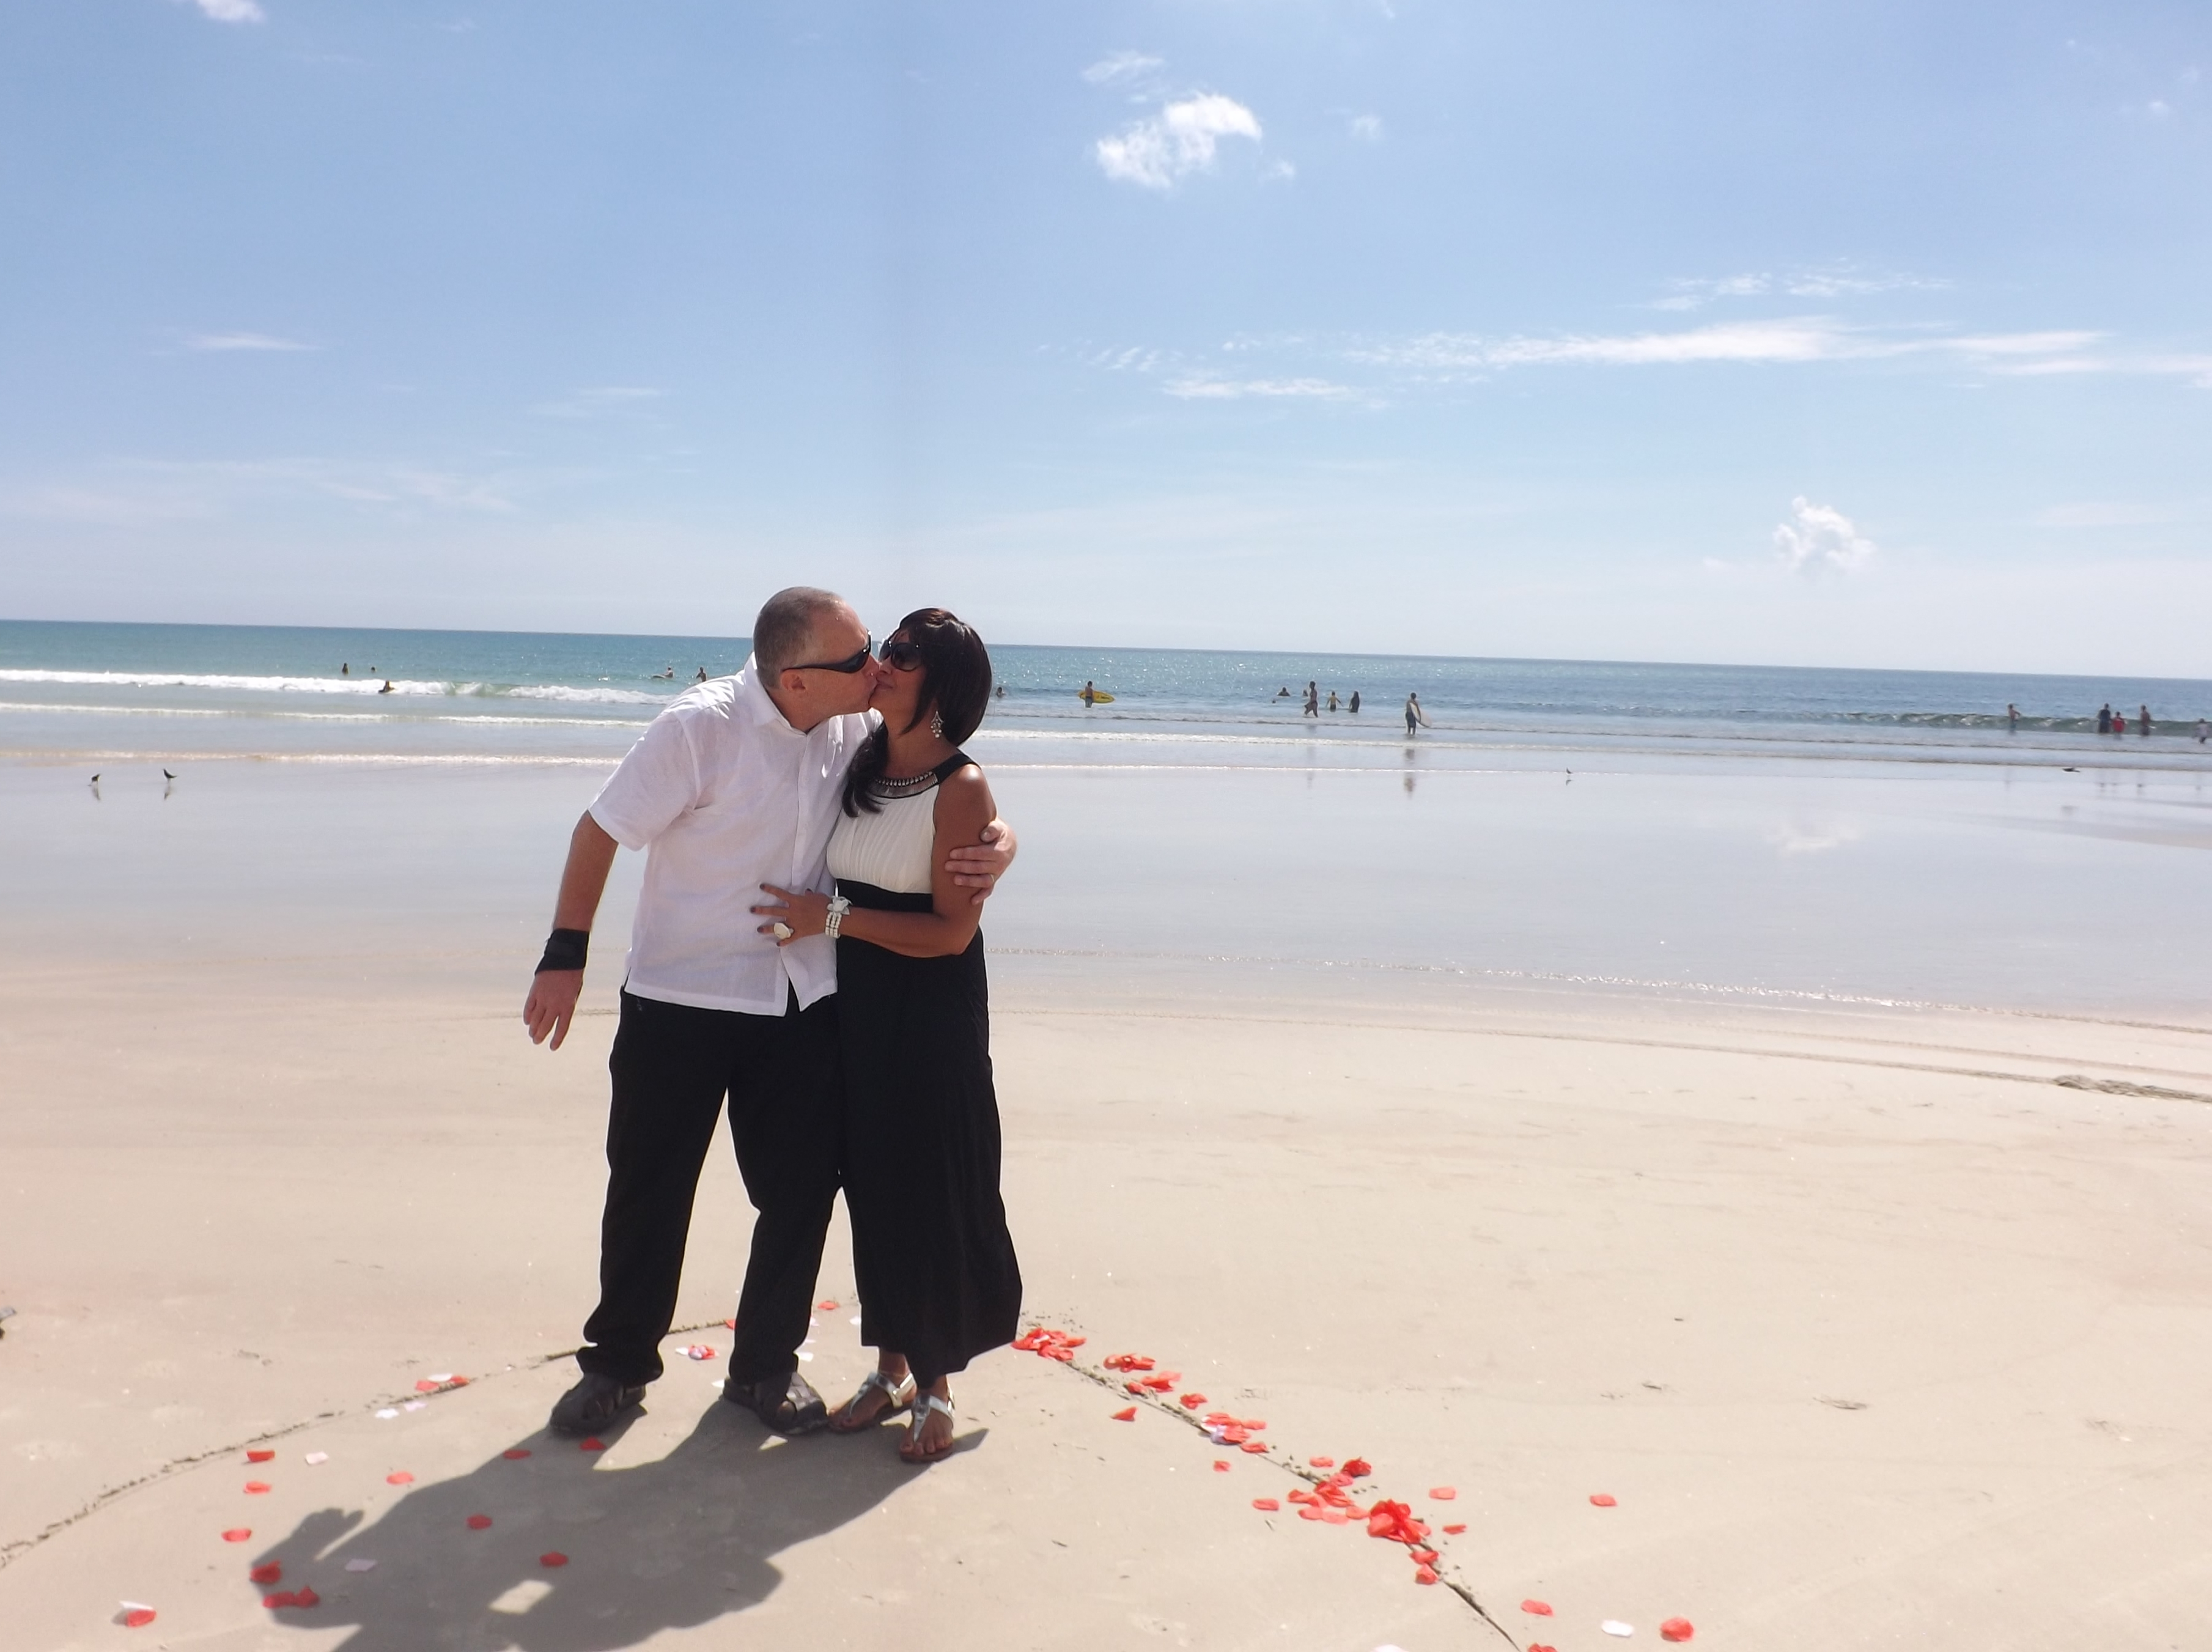 Kiss on the Beach Winnifred & David